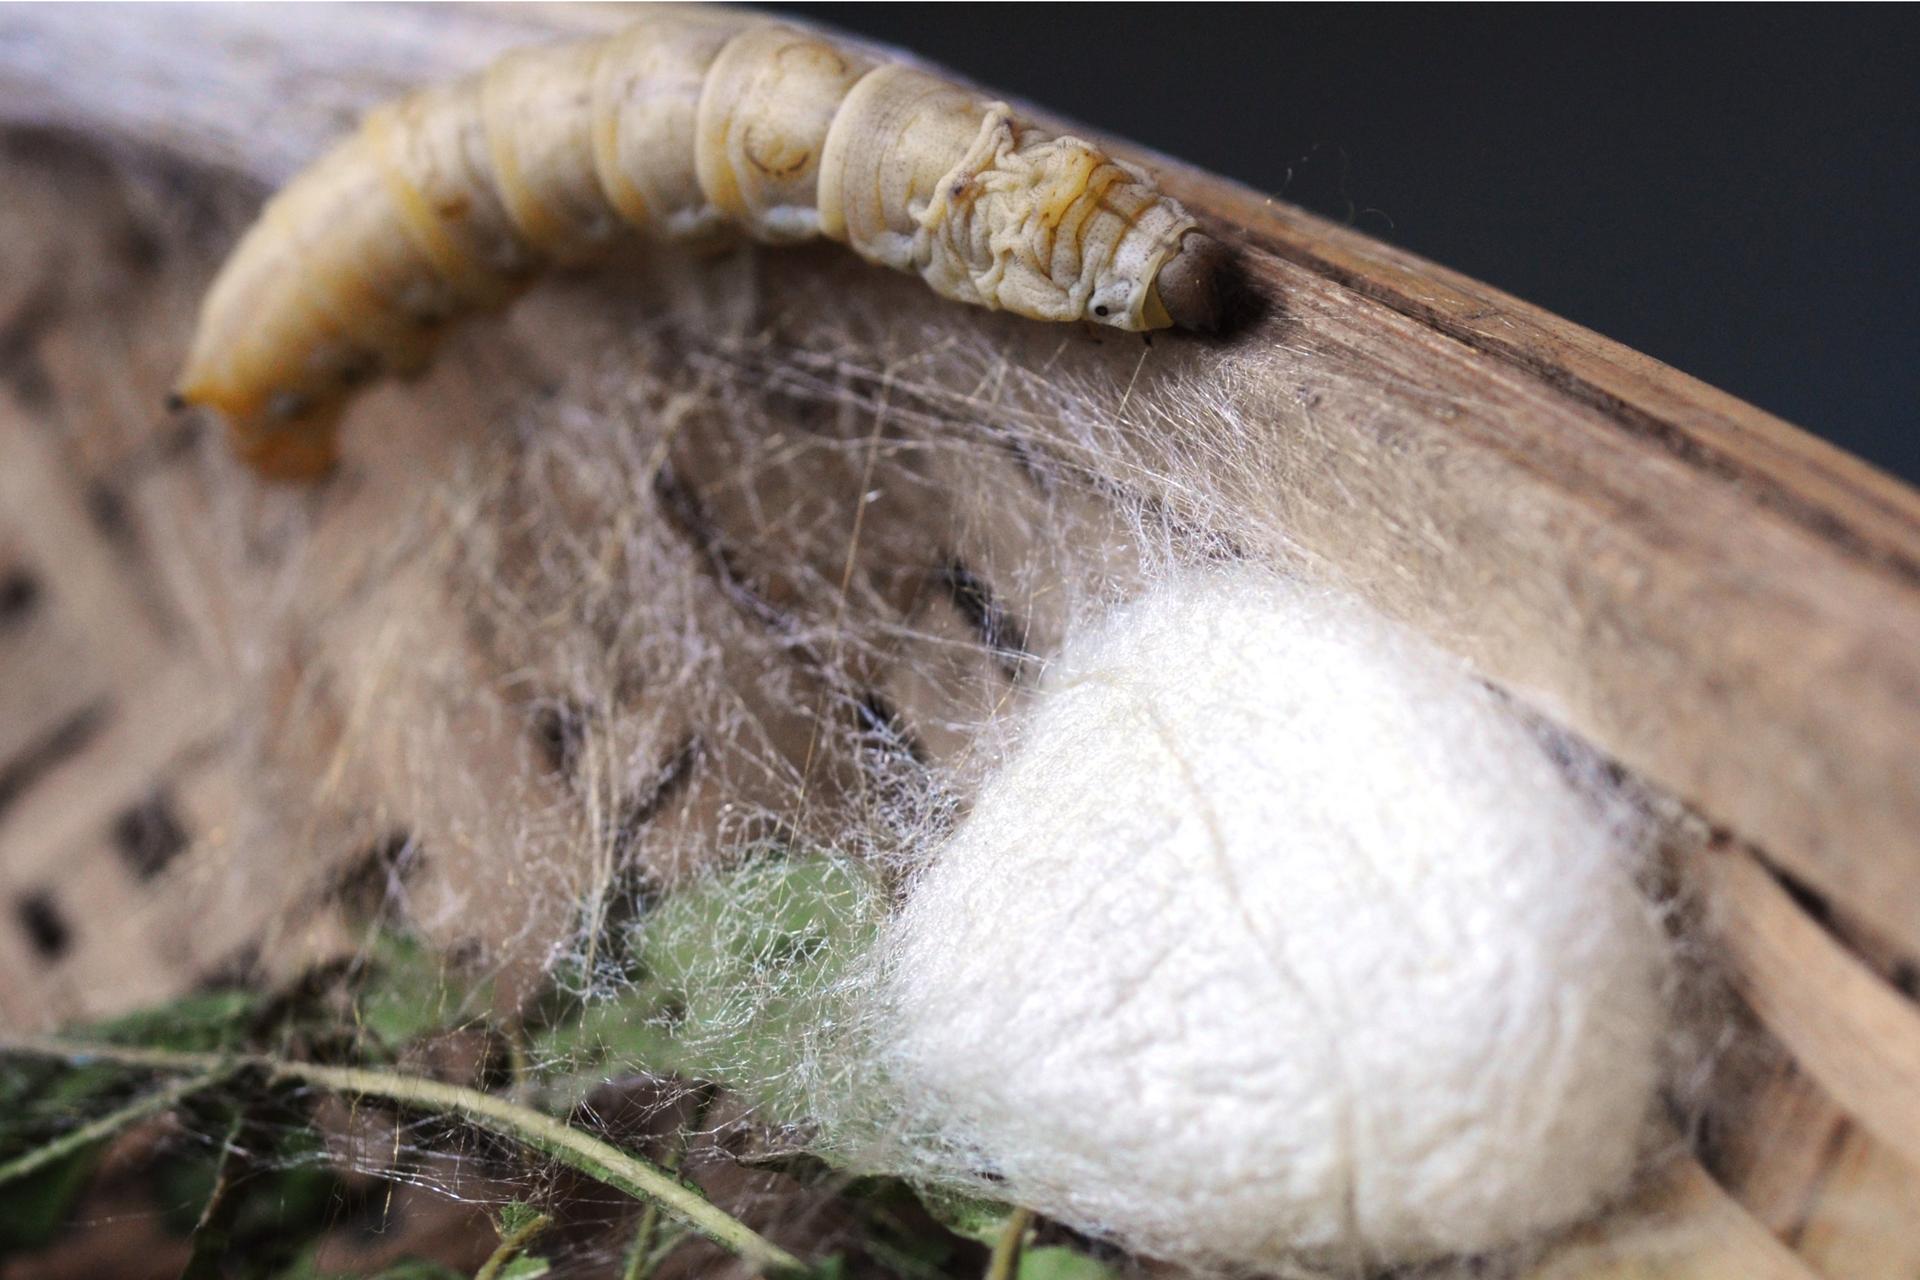 Fotografia larwy jedwabnika siedzącej na liściu. Ciało larwy jest jasnoszare, podzielone na szerokie segmenty. Tylny brzeg każdego segmentu jest żółty. Poniżej larwy znajduje się jedwabna kula, wktórej skryta jest inna larwa.